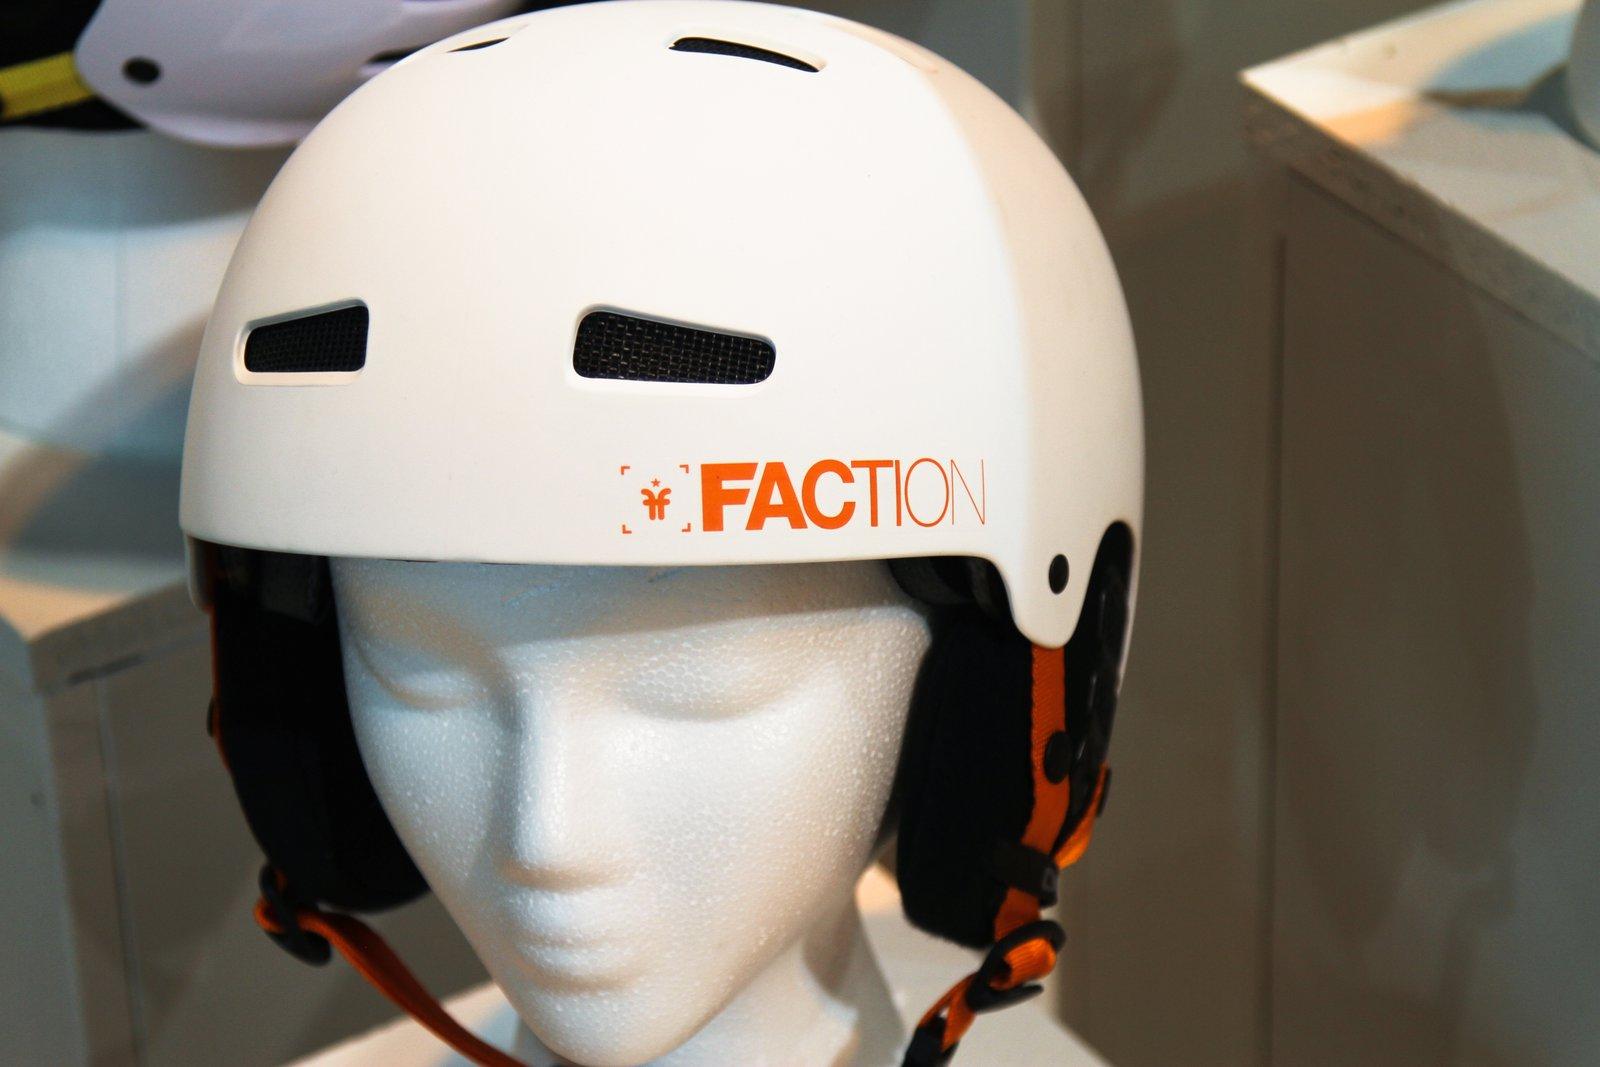 Faction-10.jpg